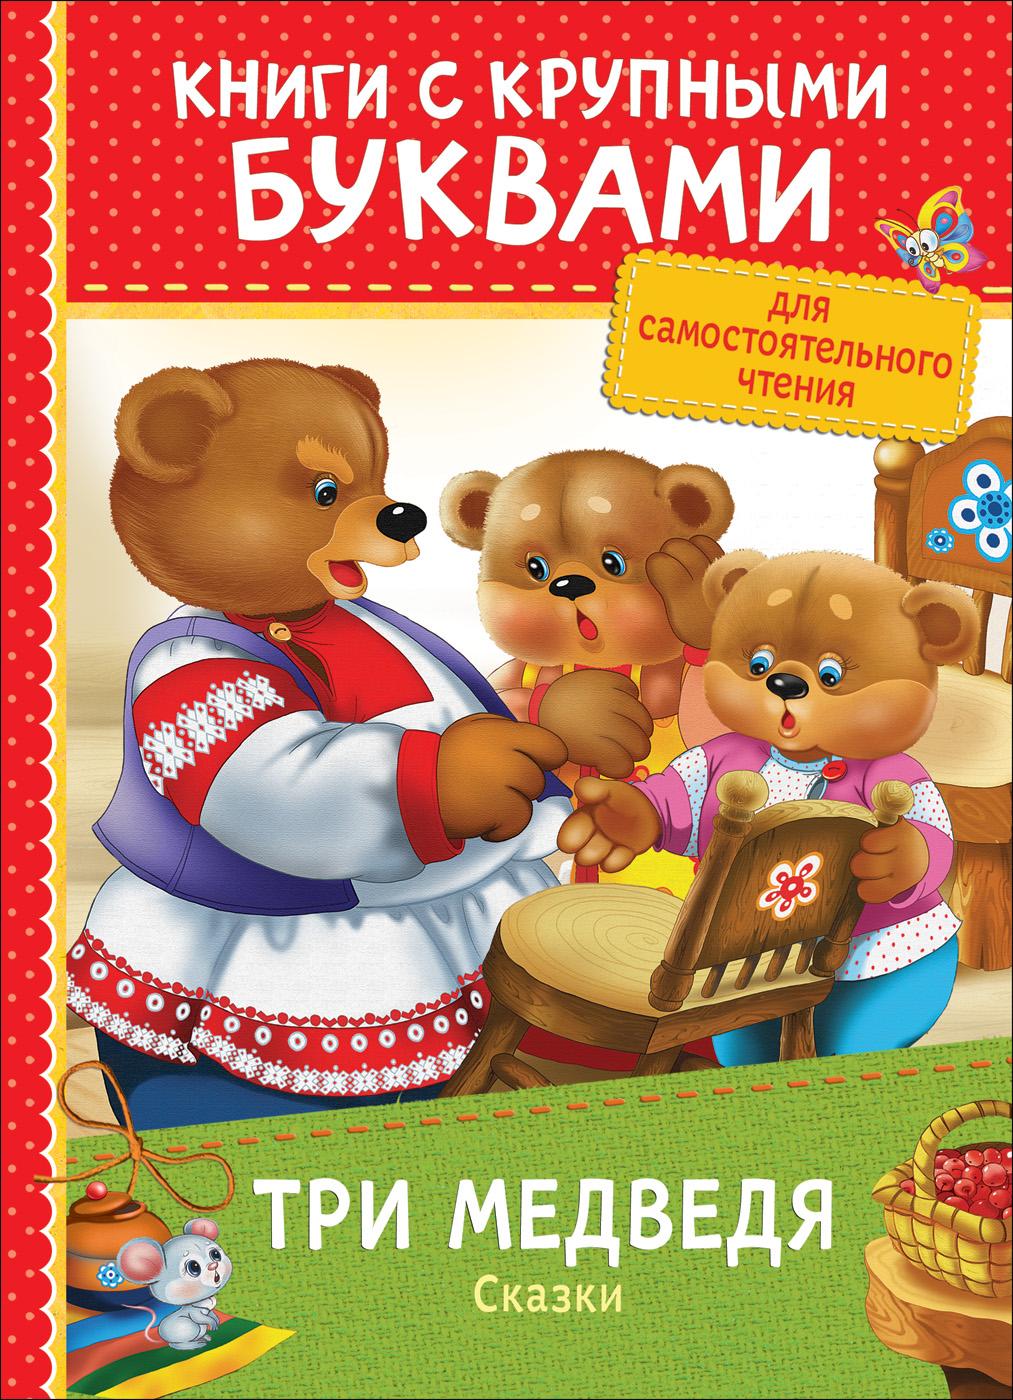 Толстой Л.Н. Три медведя. Сказки (ККБ) петушок и бобовое зернышко кот и лиса